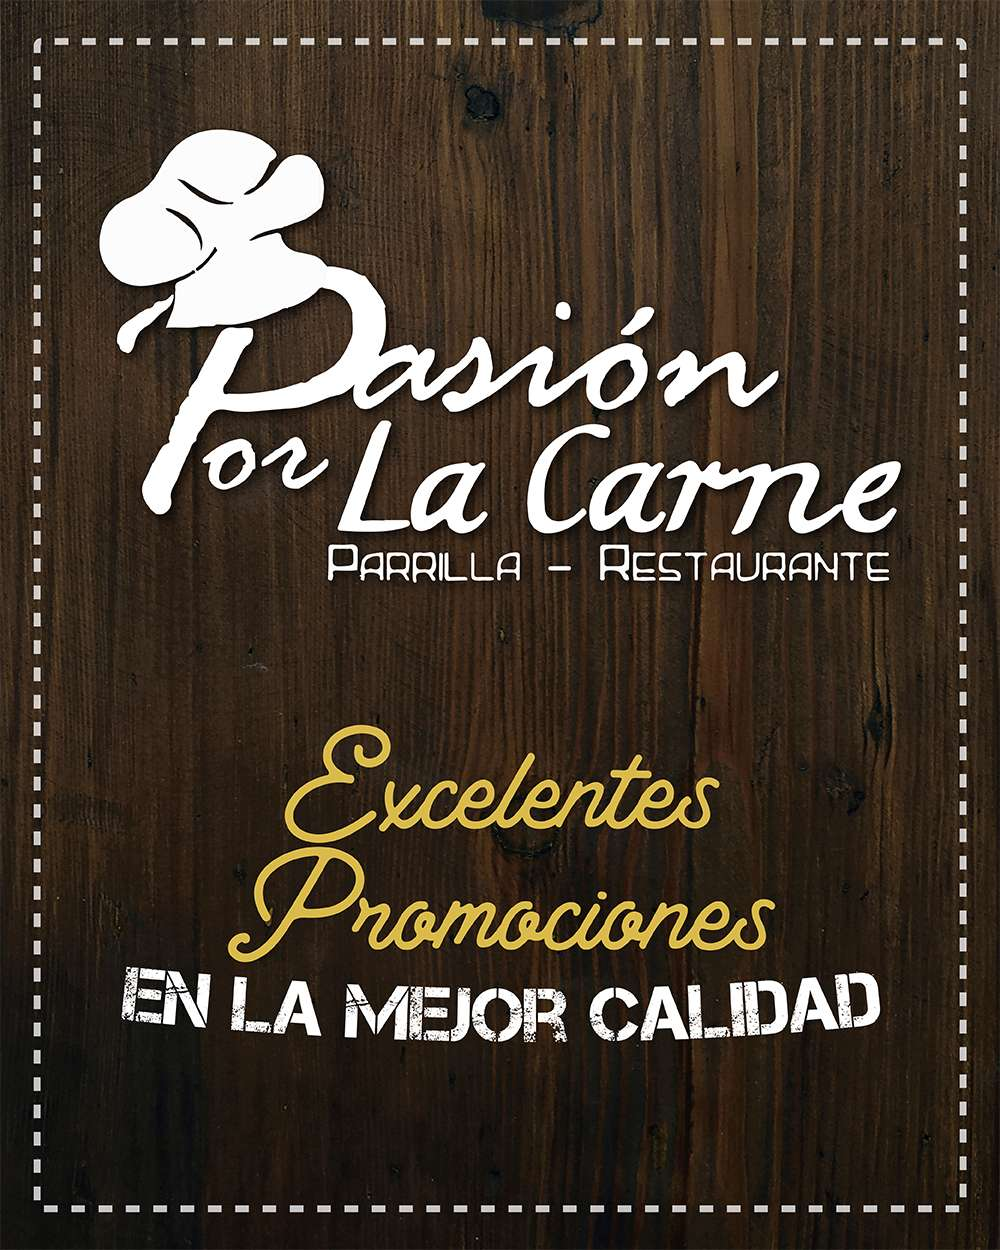 Pasión por La Carne Parrilla-Restaurante